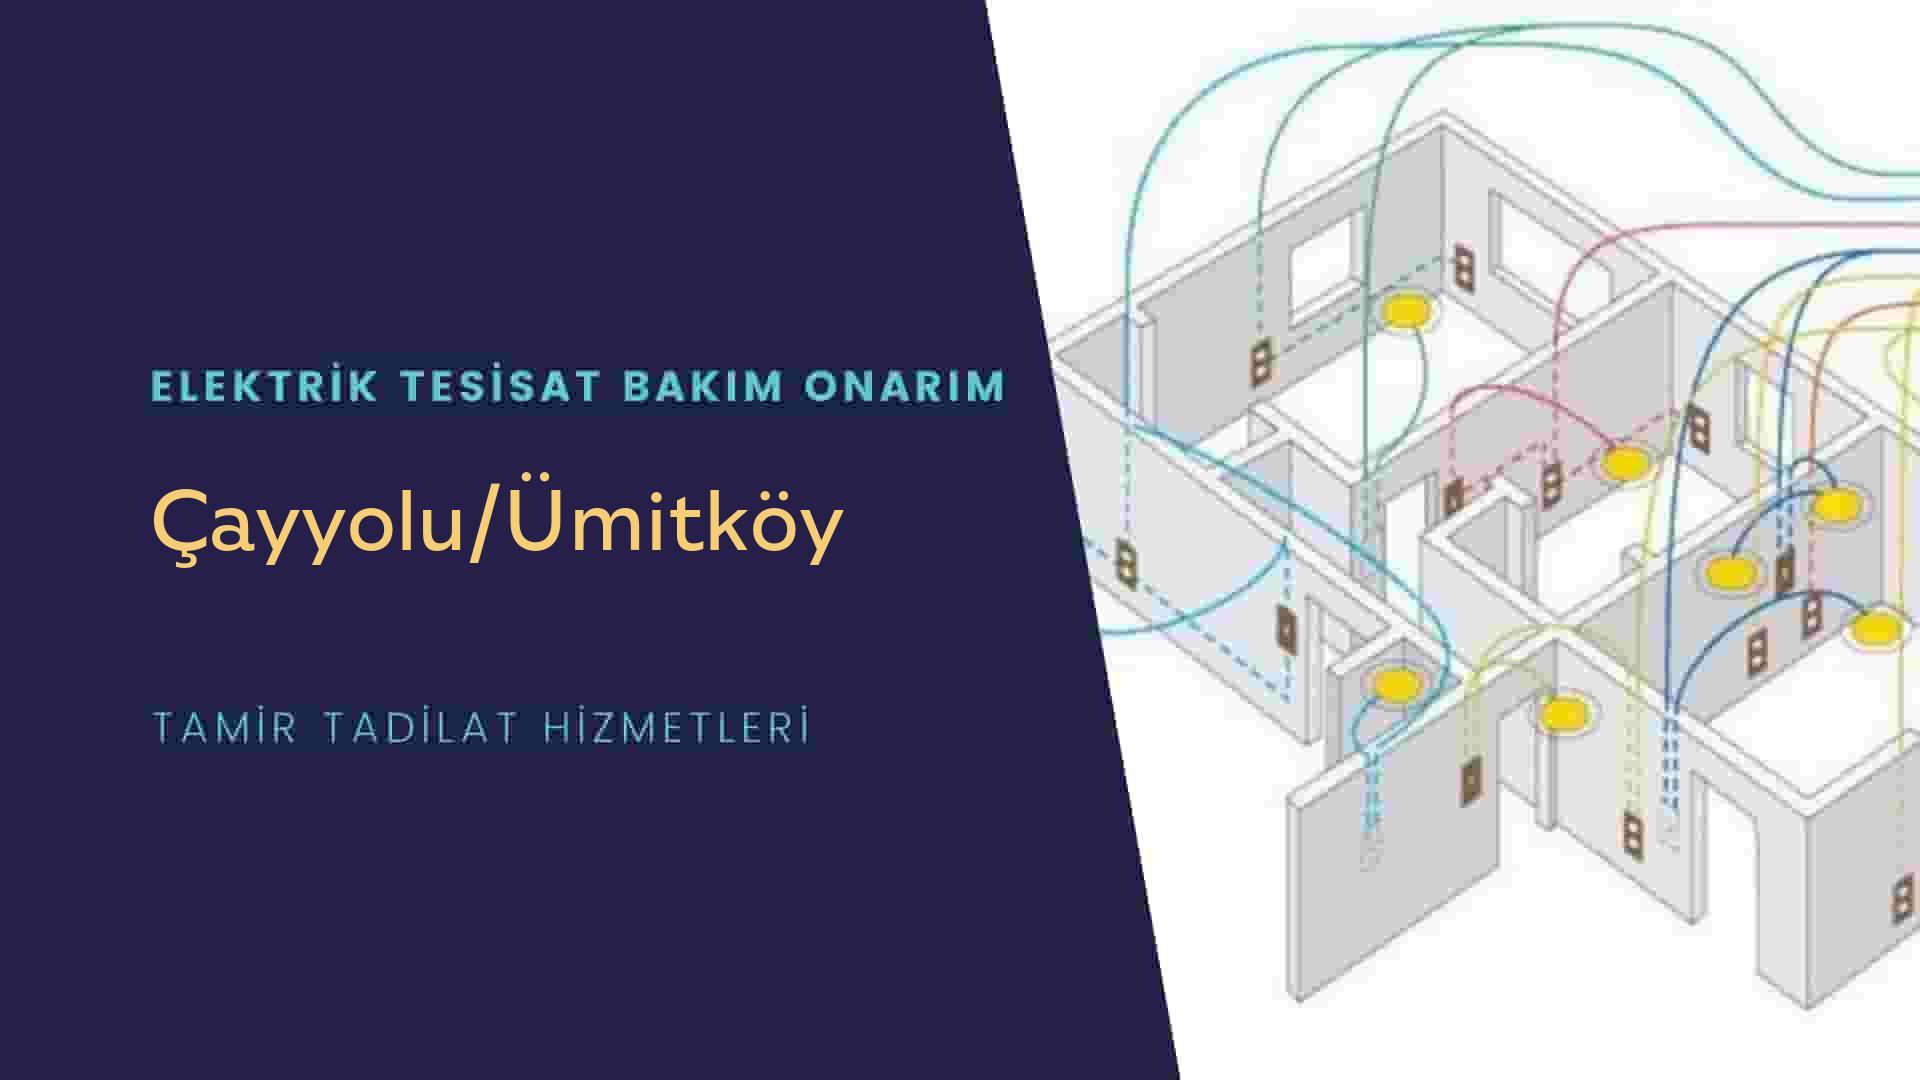 Çayyolu/Ümitköy'de elektrik tesisatıustalarımı arıyorsunuz doğru adrestenizi Çayyolu/Ümitköy elektrik tesisatı ustalarımız 7/24 sizlere hizmet vermekten mutluluk duyar.